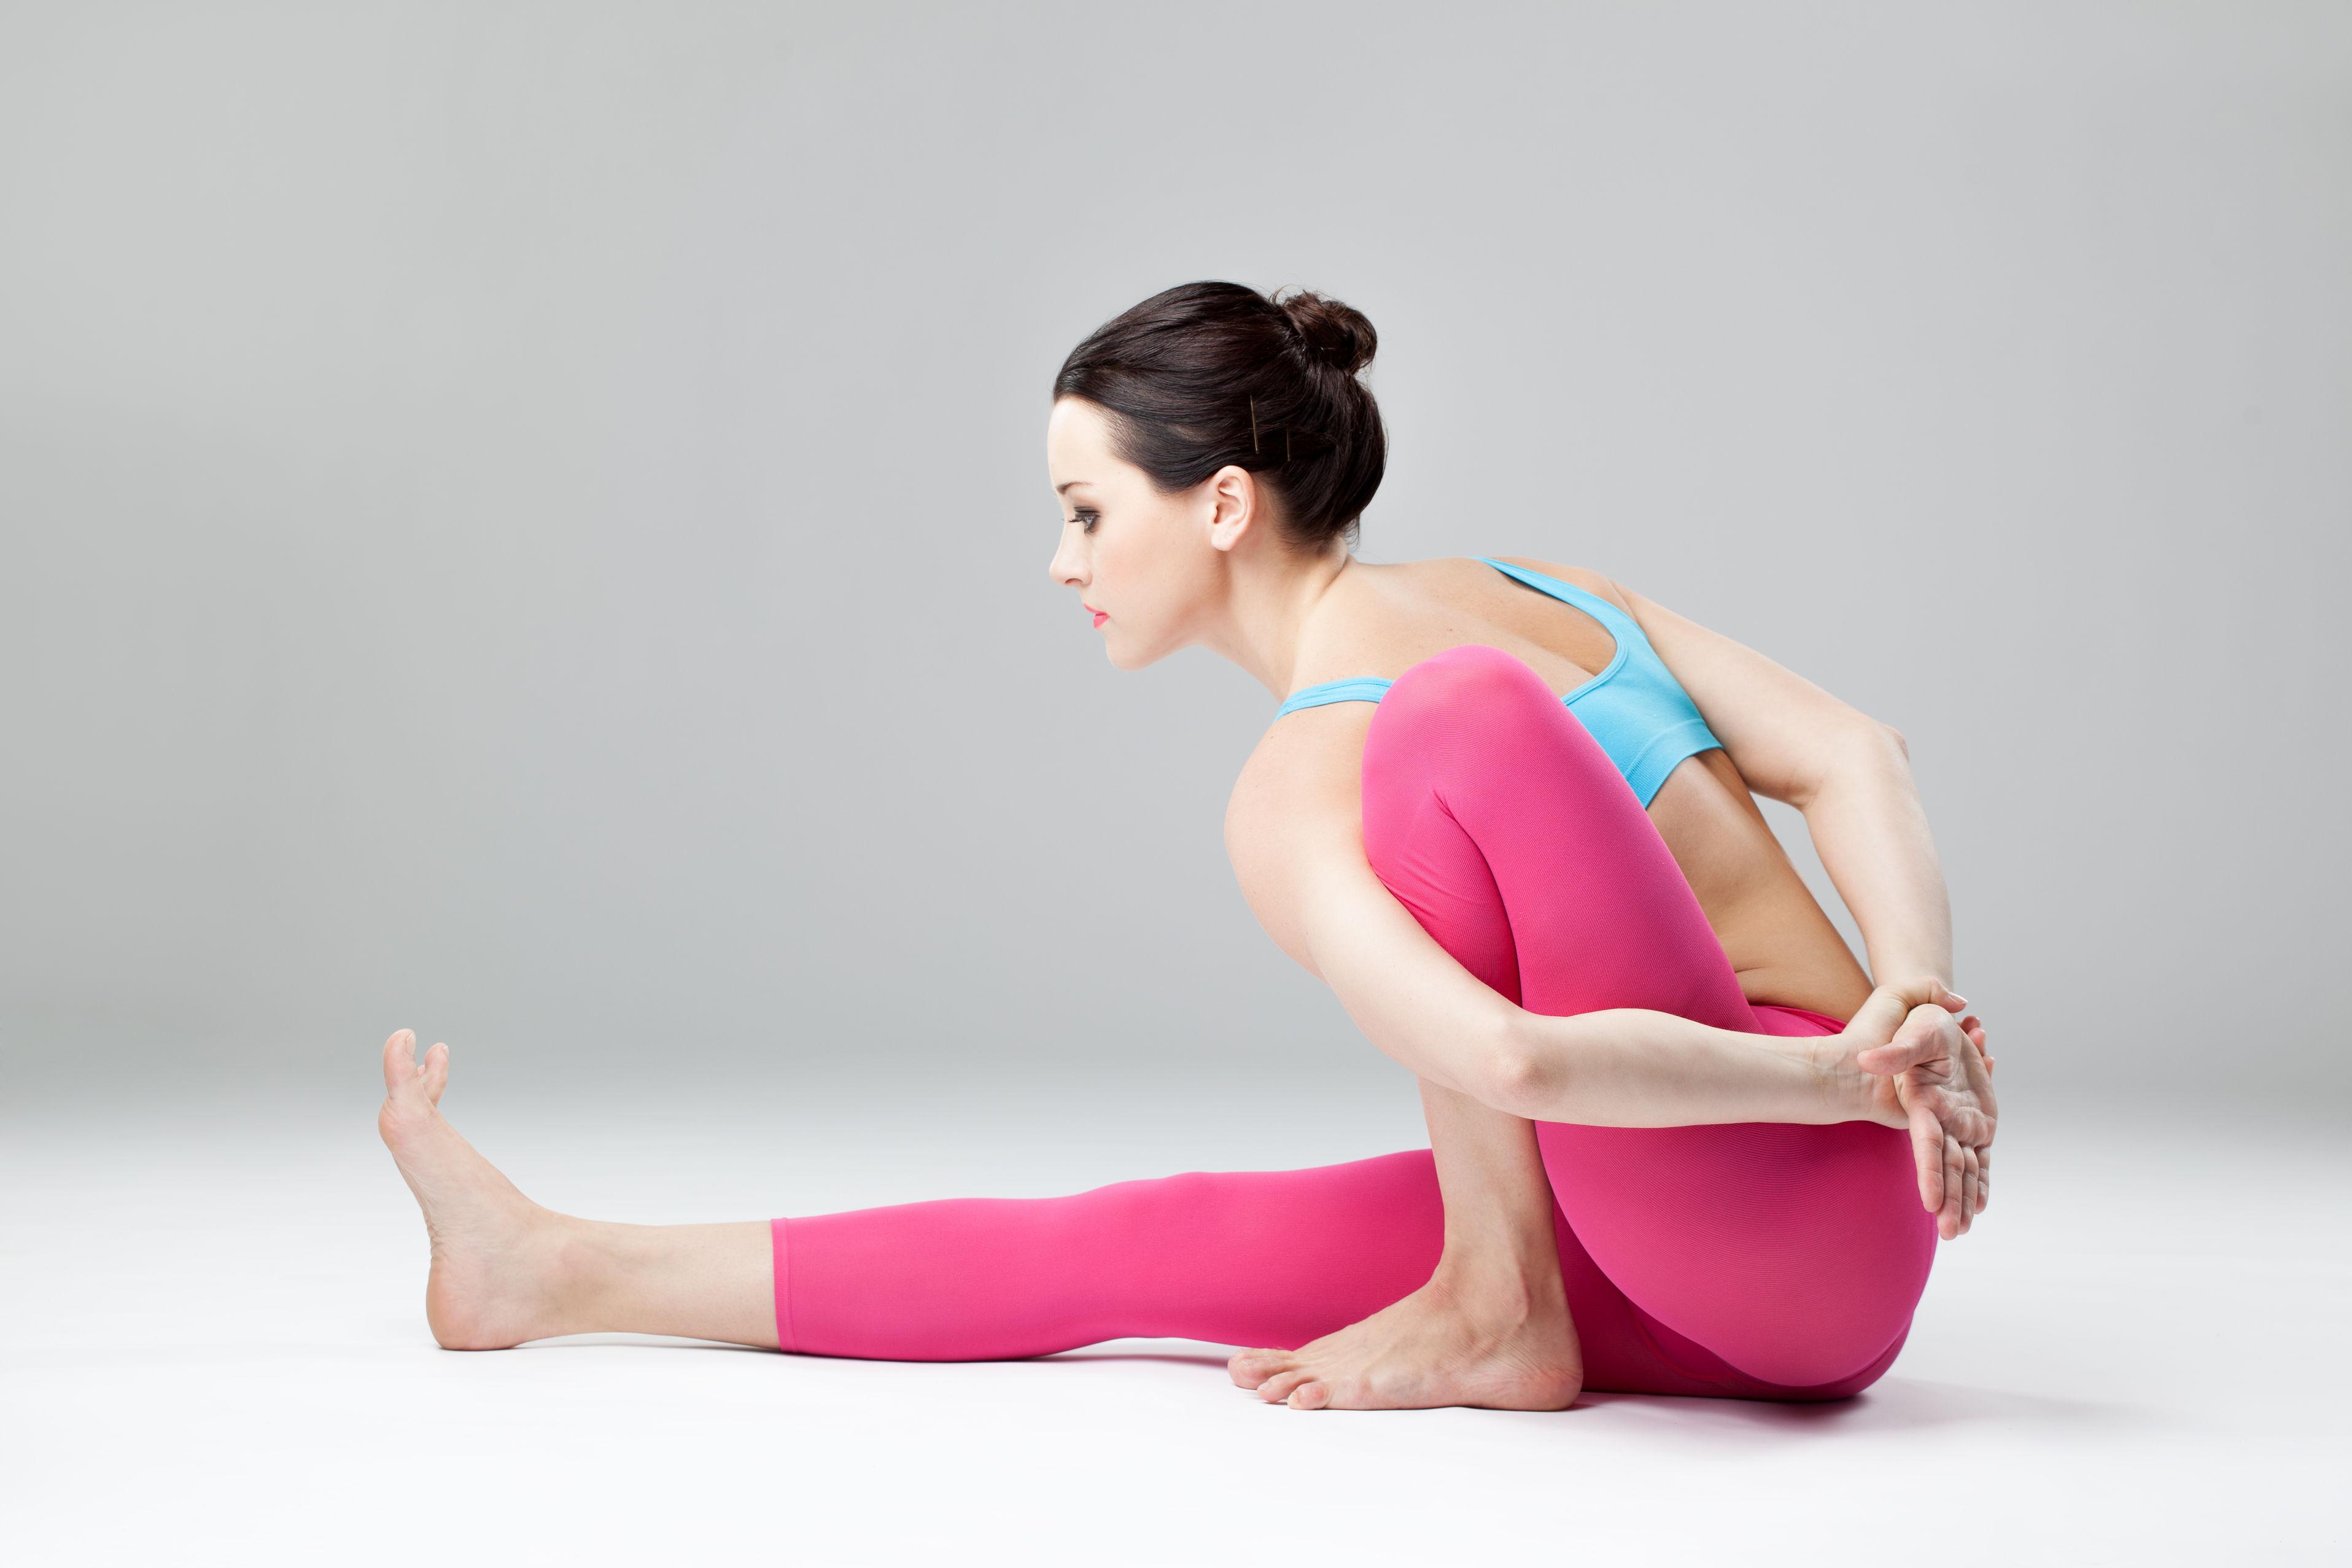 Tập thể dục tại nhà có hiệu quả không?